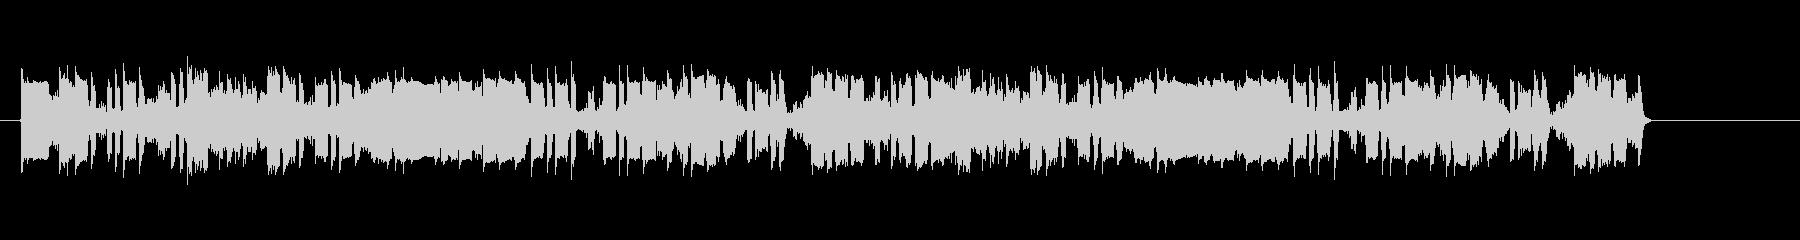 ジリリピボボ・・(騒がしい通信音)の未再生の波形